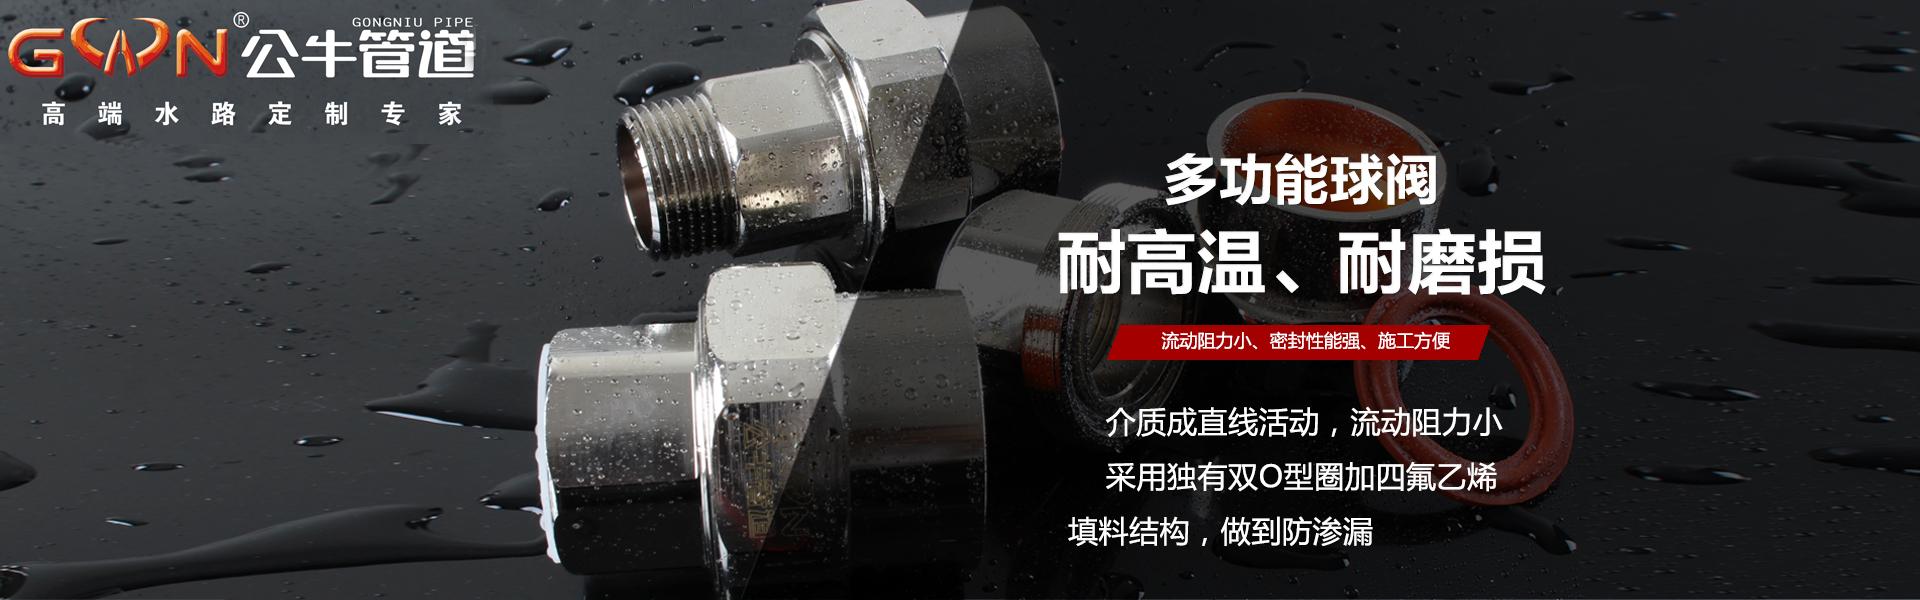 辽宁PE管,辽宁PP-R管,辽宁地热管,沈阳稳态管,沈阳分水器